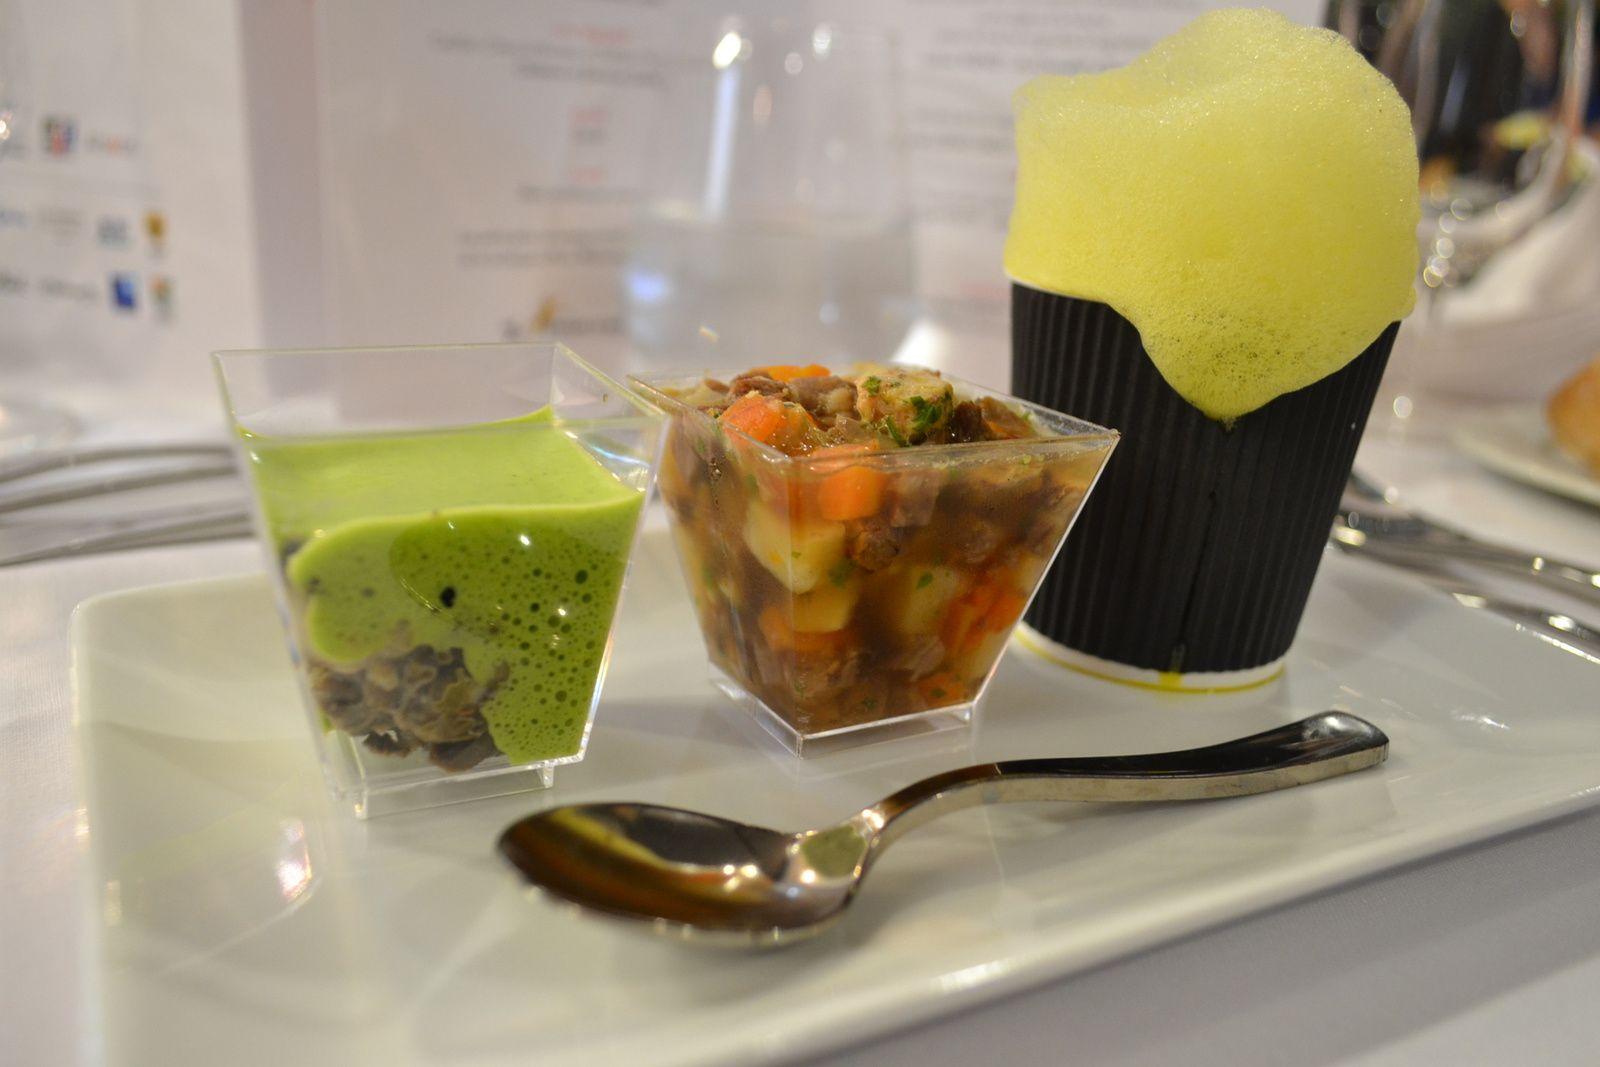 Trois amuse bouche : grenouille et escargot - verrine de pot au feu - soupe de crustacés schum au safran